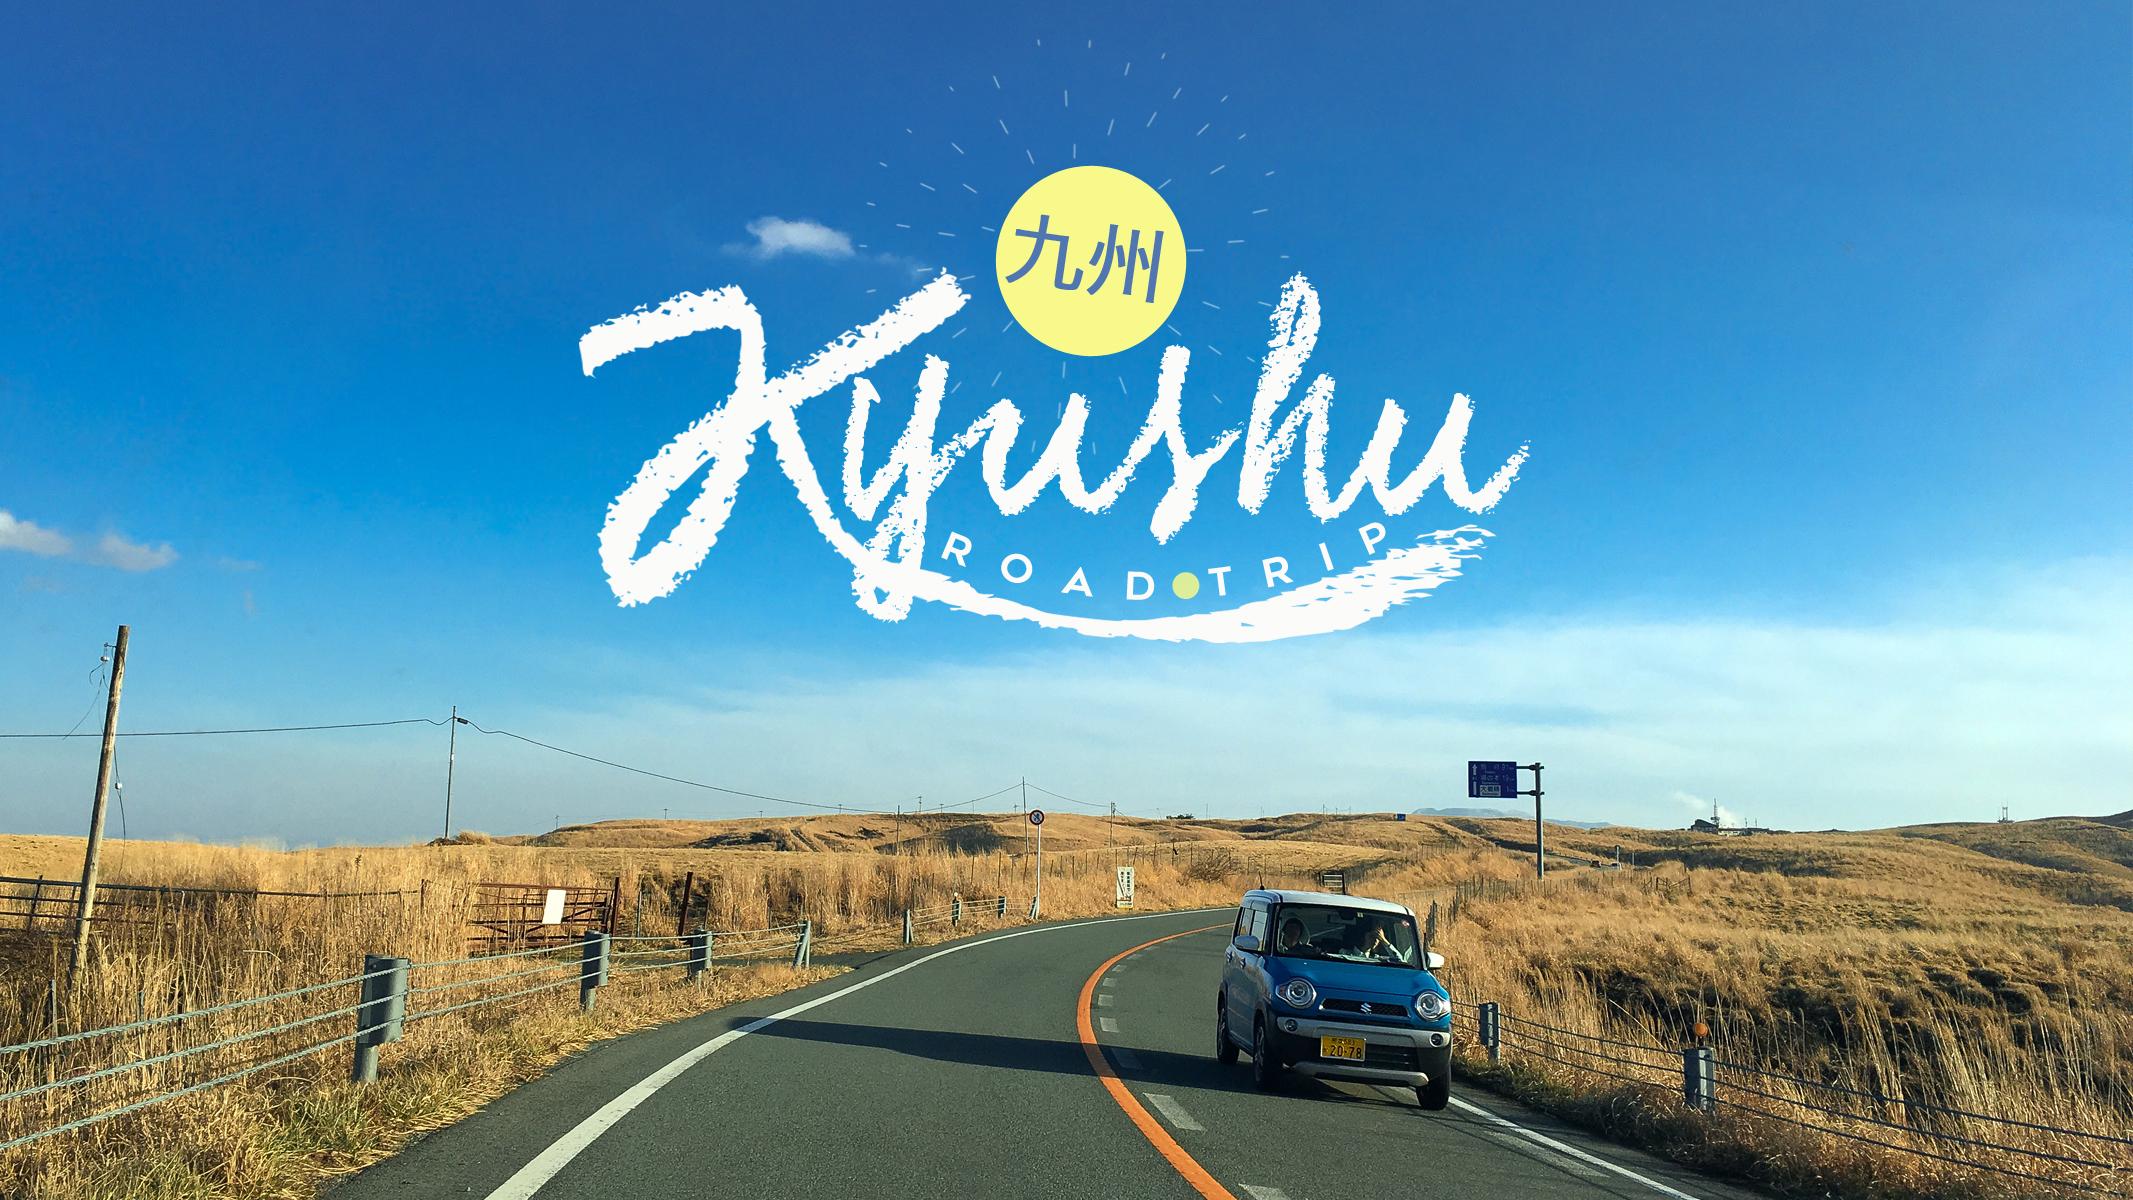 Kyushu Road Trip,Memories of Japan!